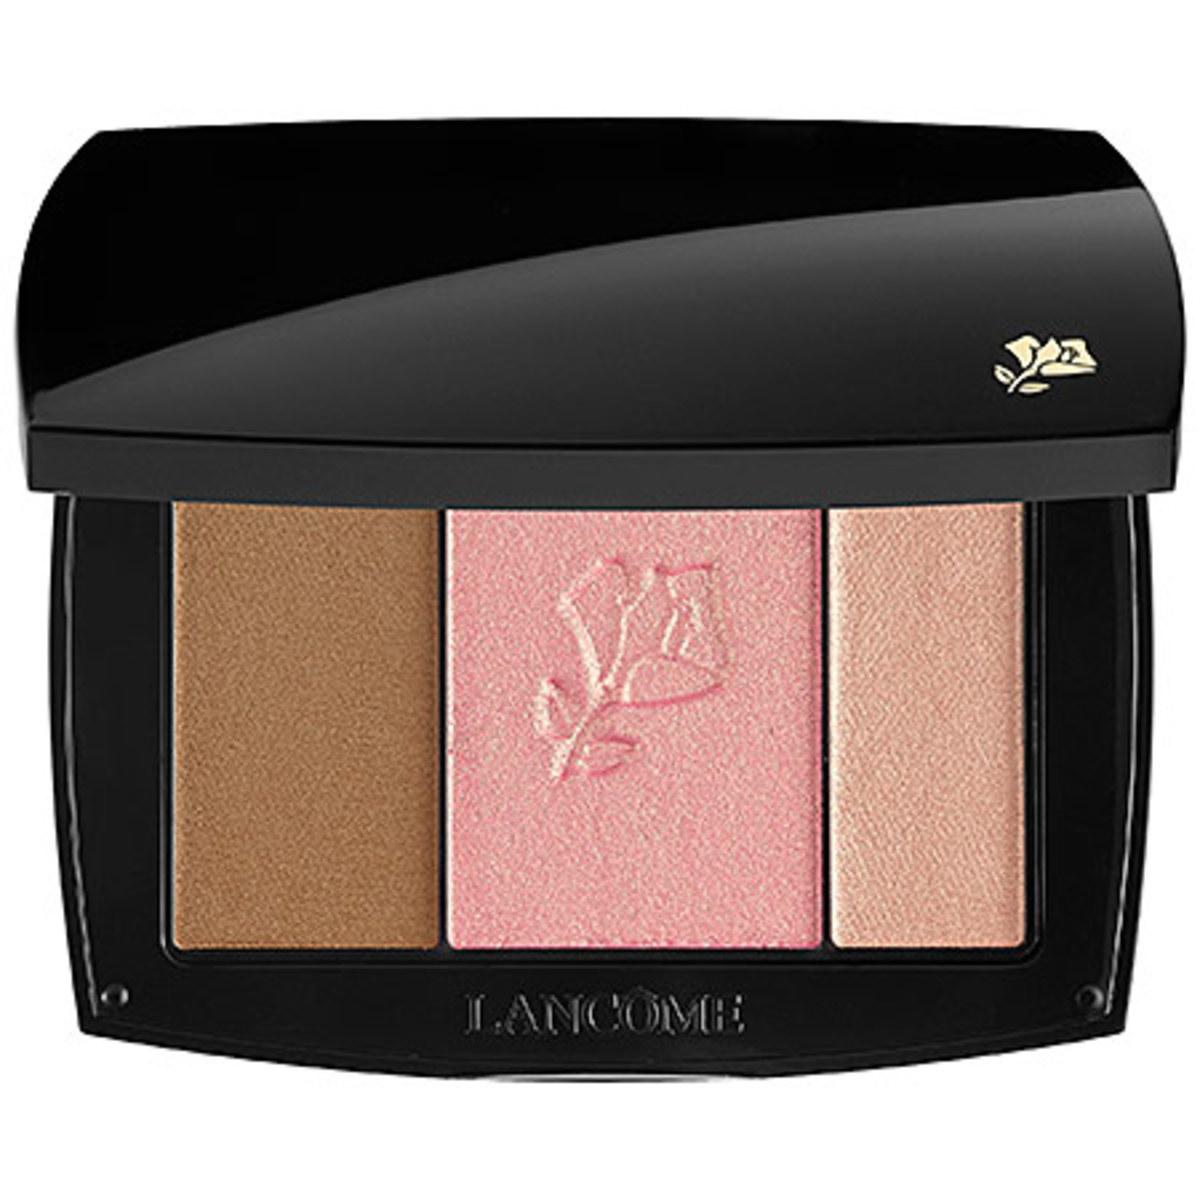 Lancome Blush Subtil Palette in #323 Rose Flush